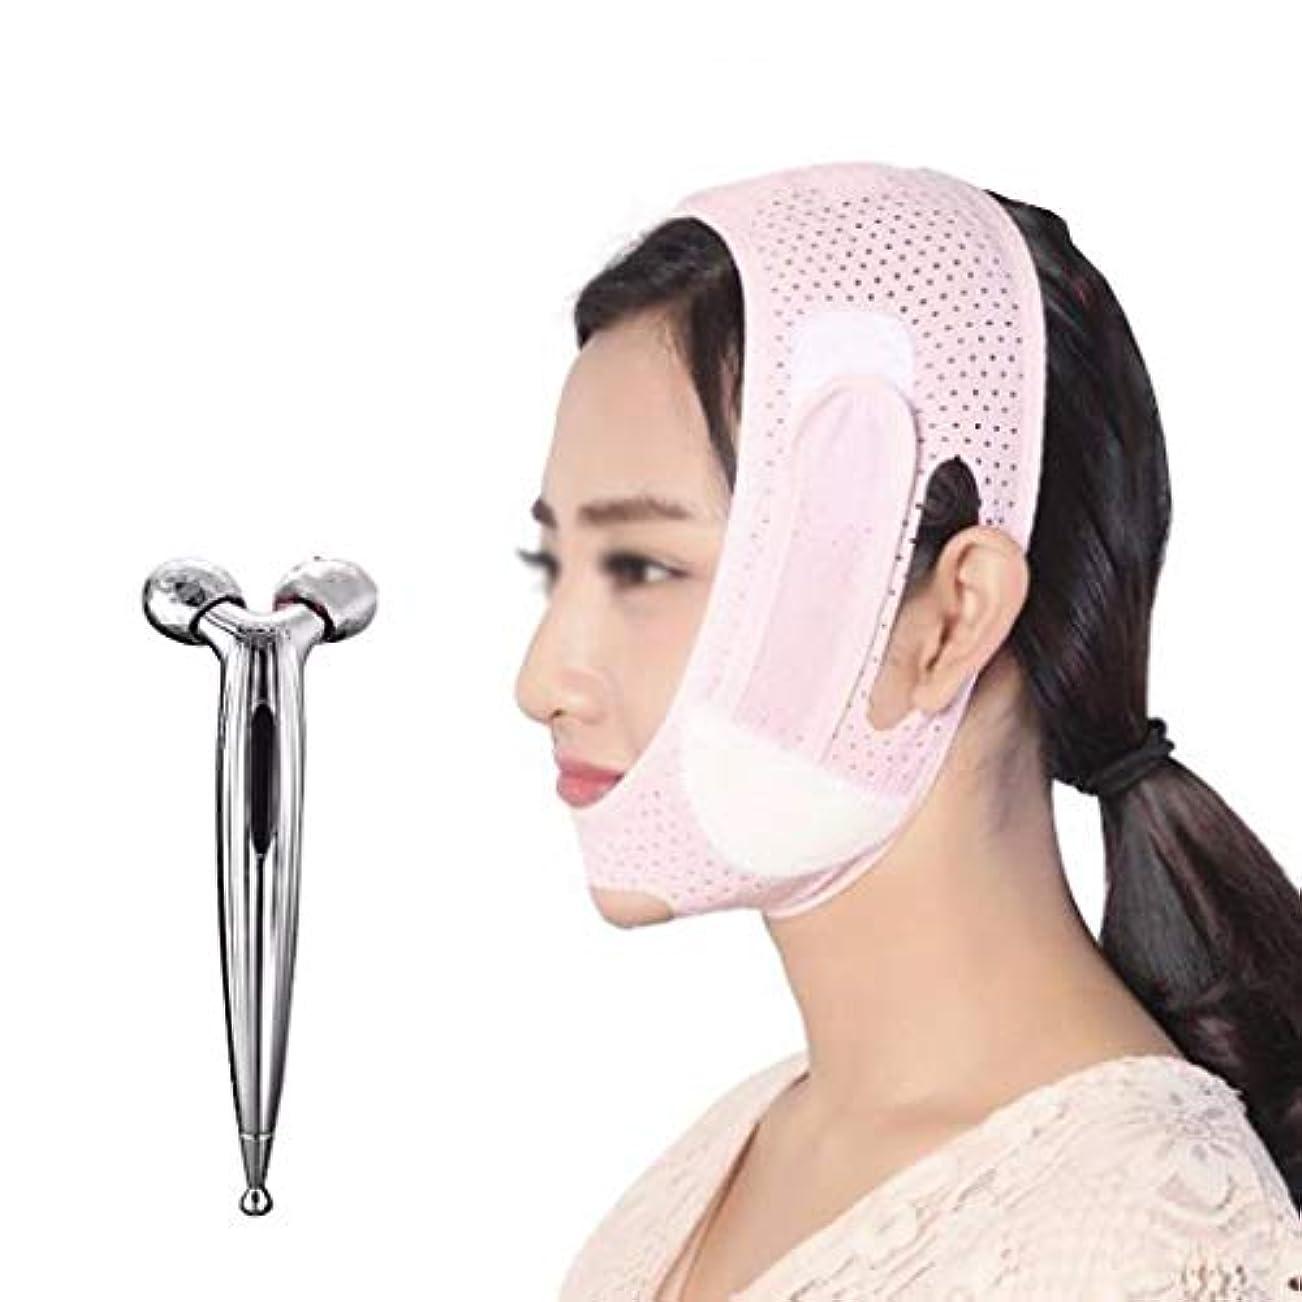 テクニカル誠実遠えZWBD フェイスマスク, フェイスリフトマスク包帯Vフェイスアーティファクトマスクリフティングダブルチンライン術後補正ベルト